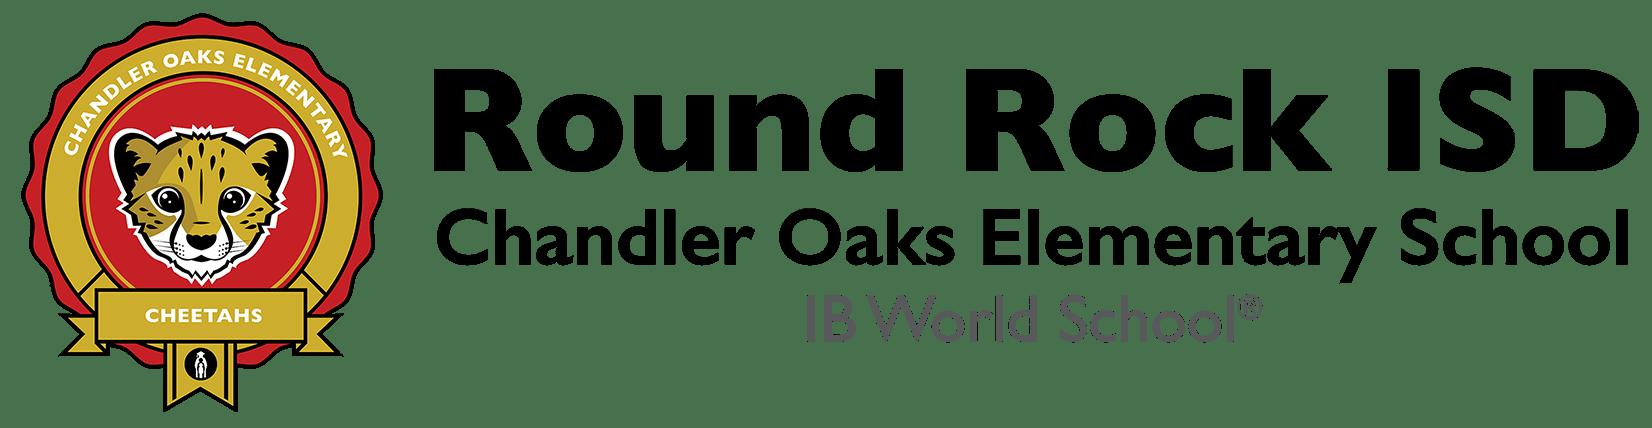 Chandler Oaks Elementary School